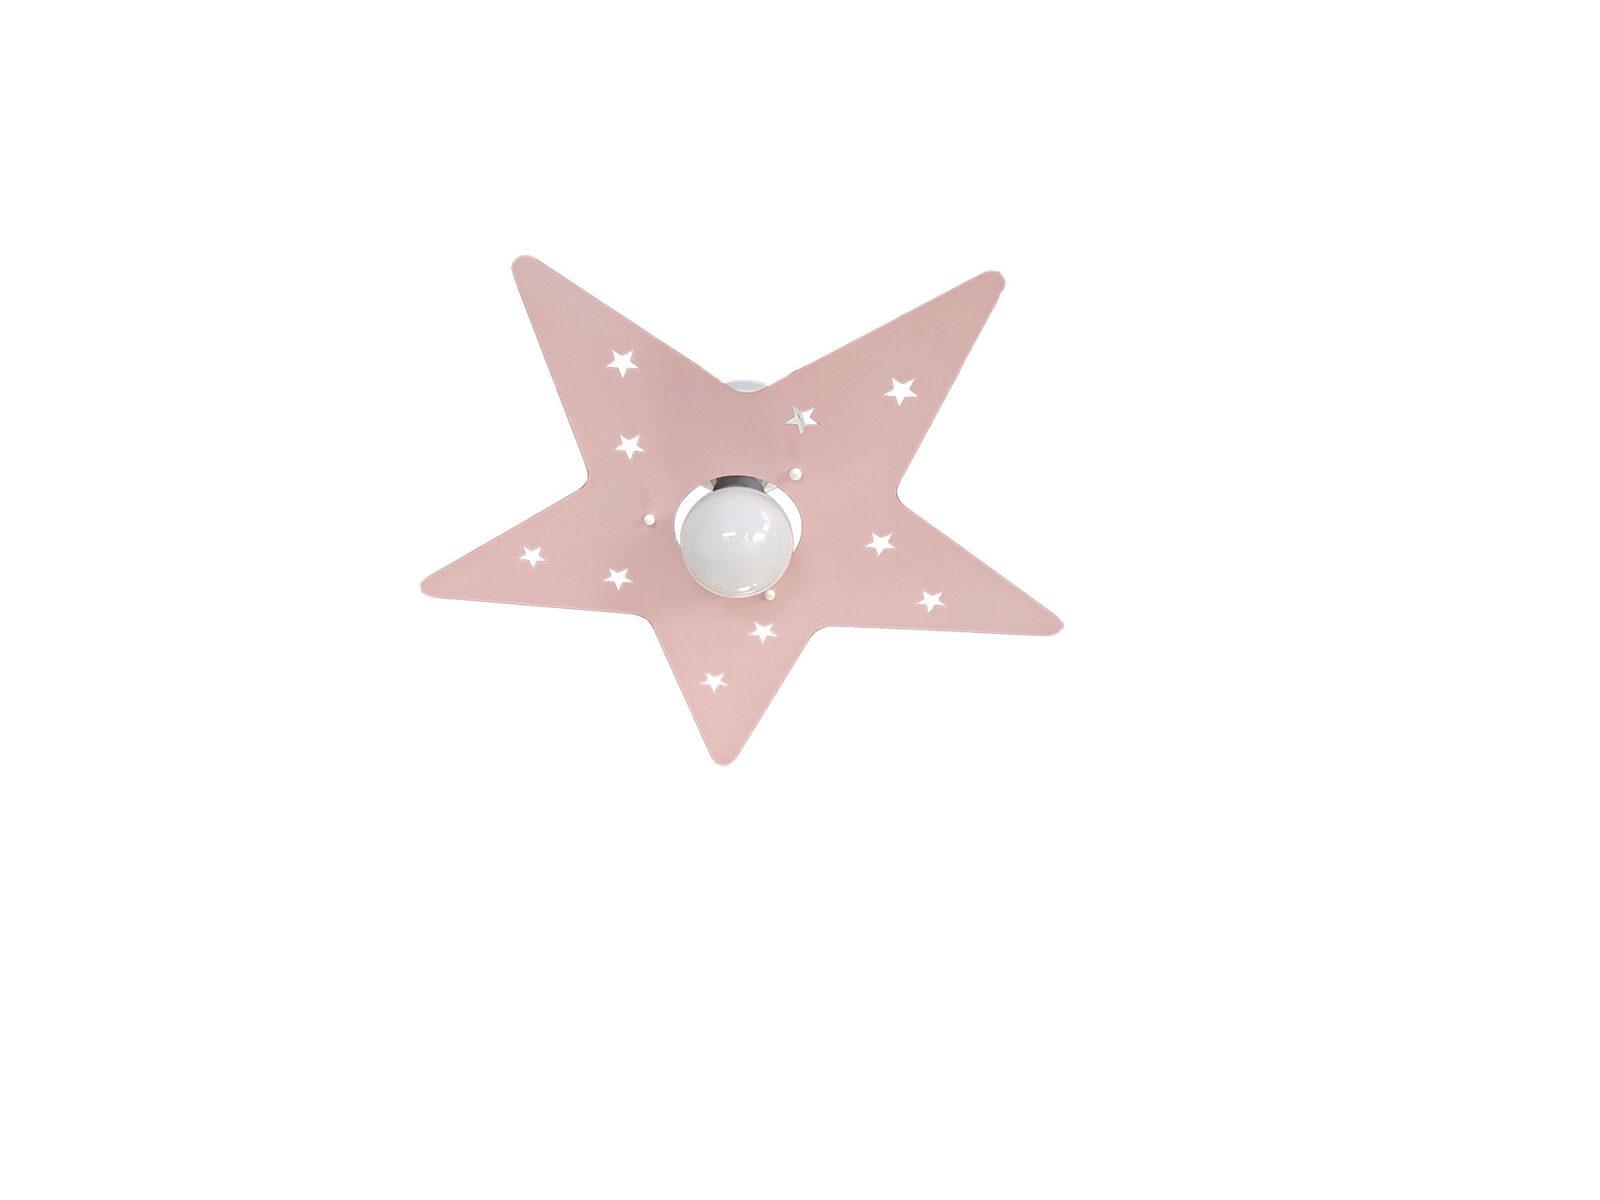 Plafoniere Per Cameretta Bambini : Plafoniera rosa stella camerette bambini la luce del futuro